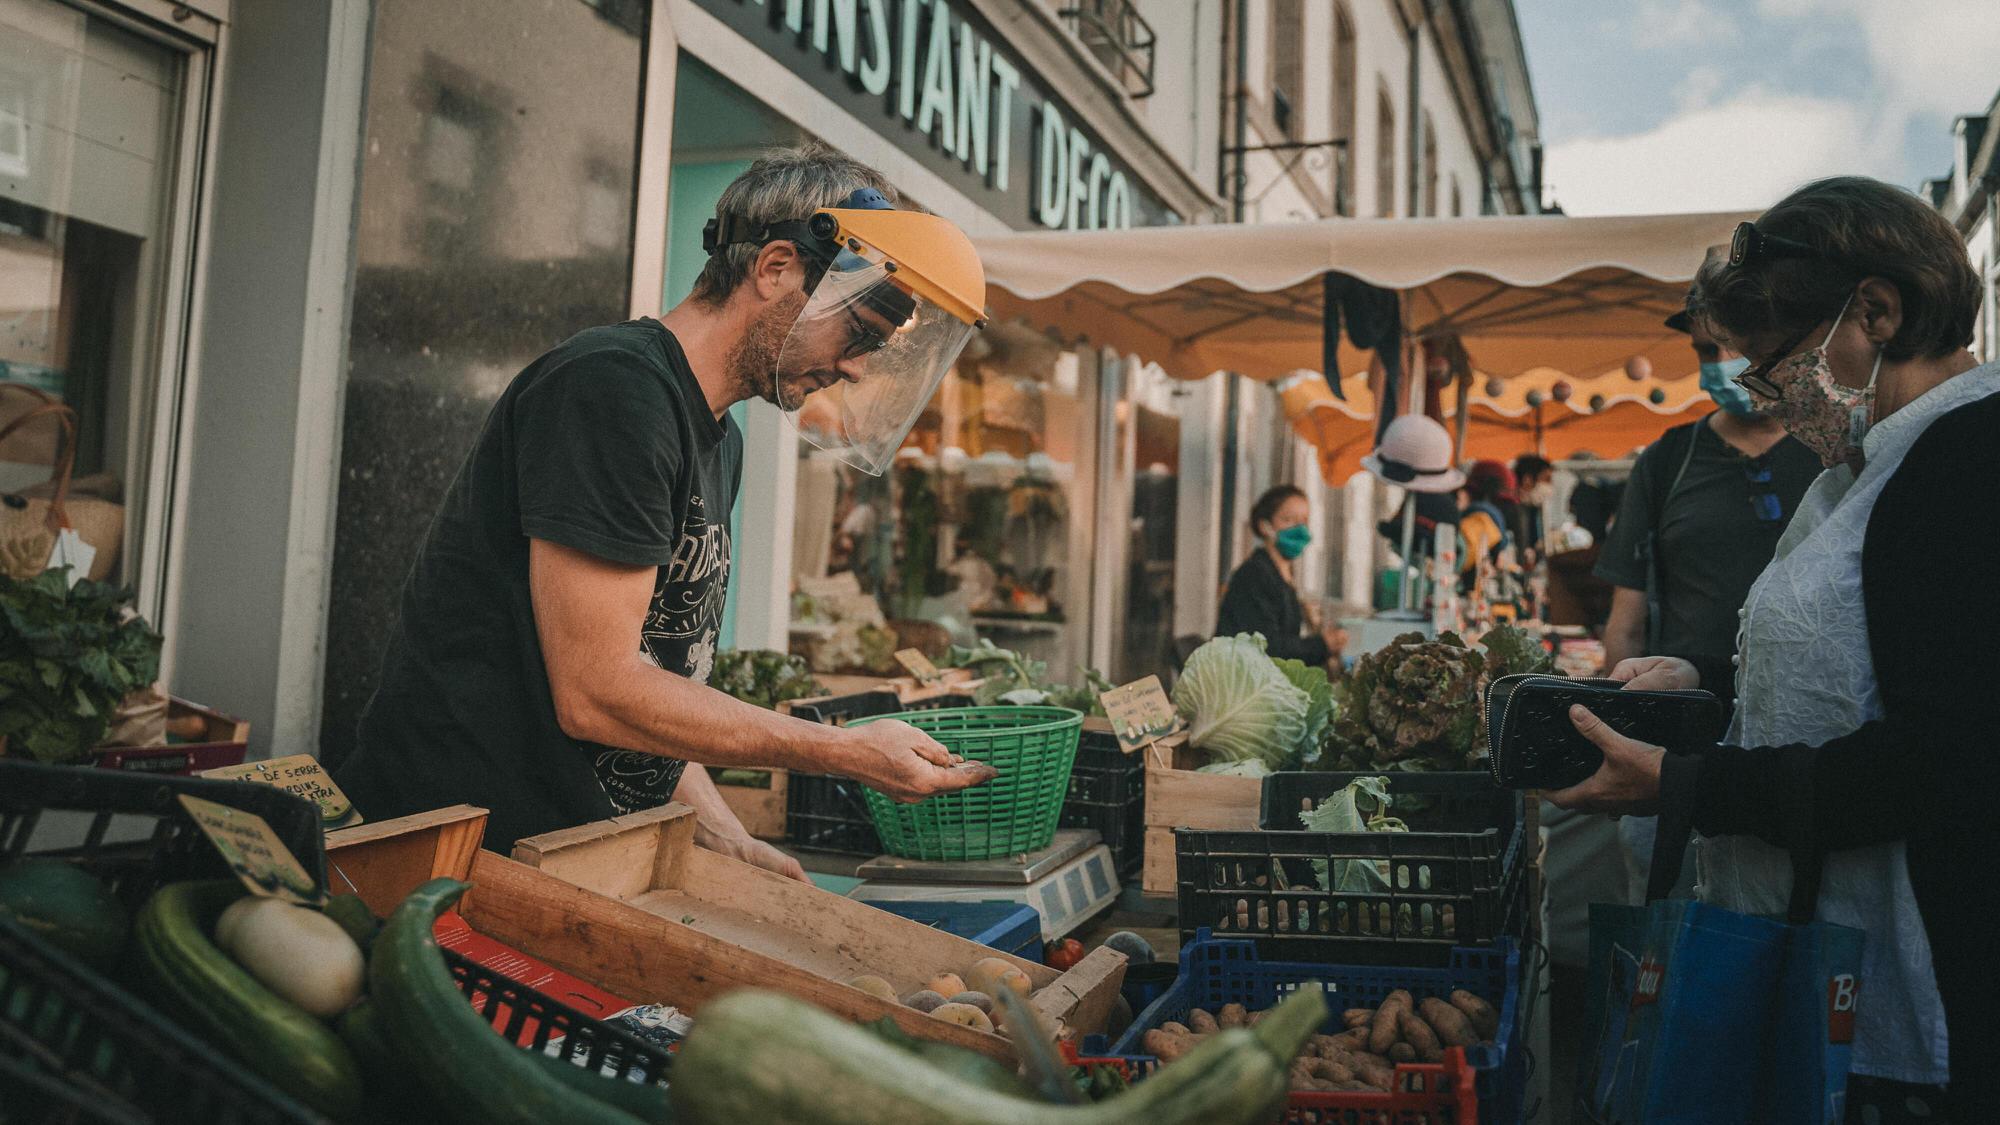 Reportage Photo Brest 20200718 05027 Les Jardins De Kerlomann Www.antoineborzeix.fr , Photographe & Videaste à Brest / Finistère